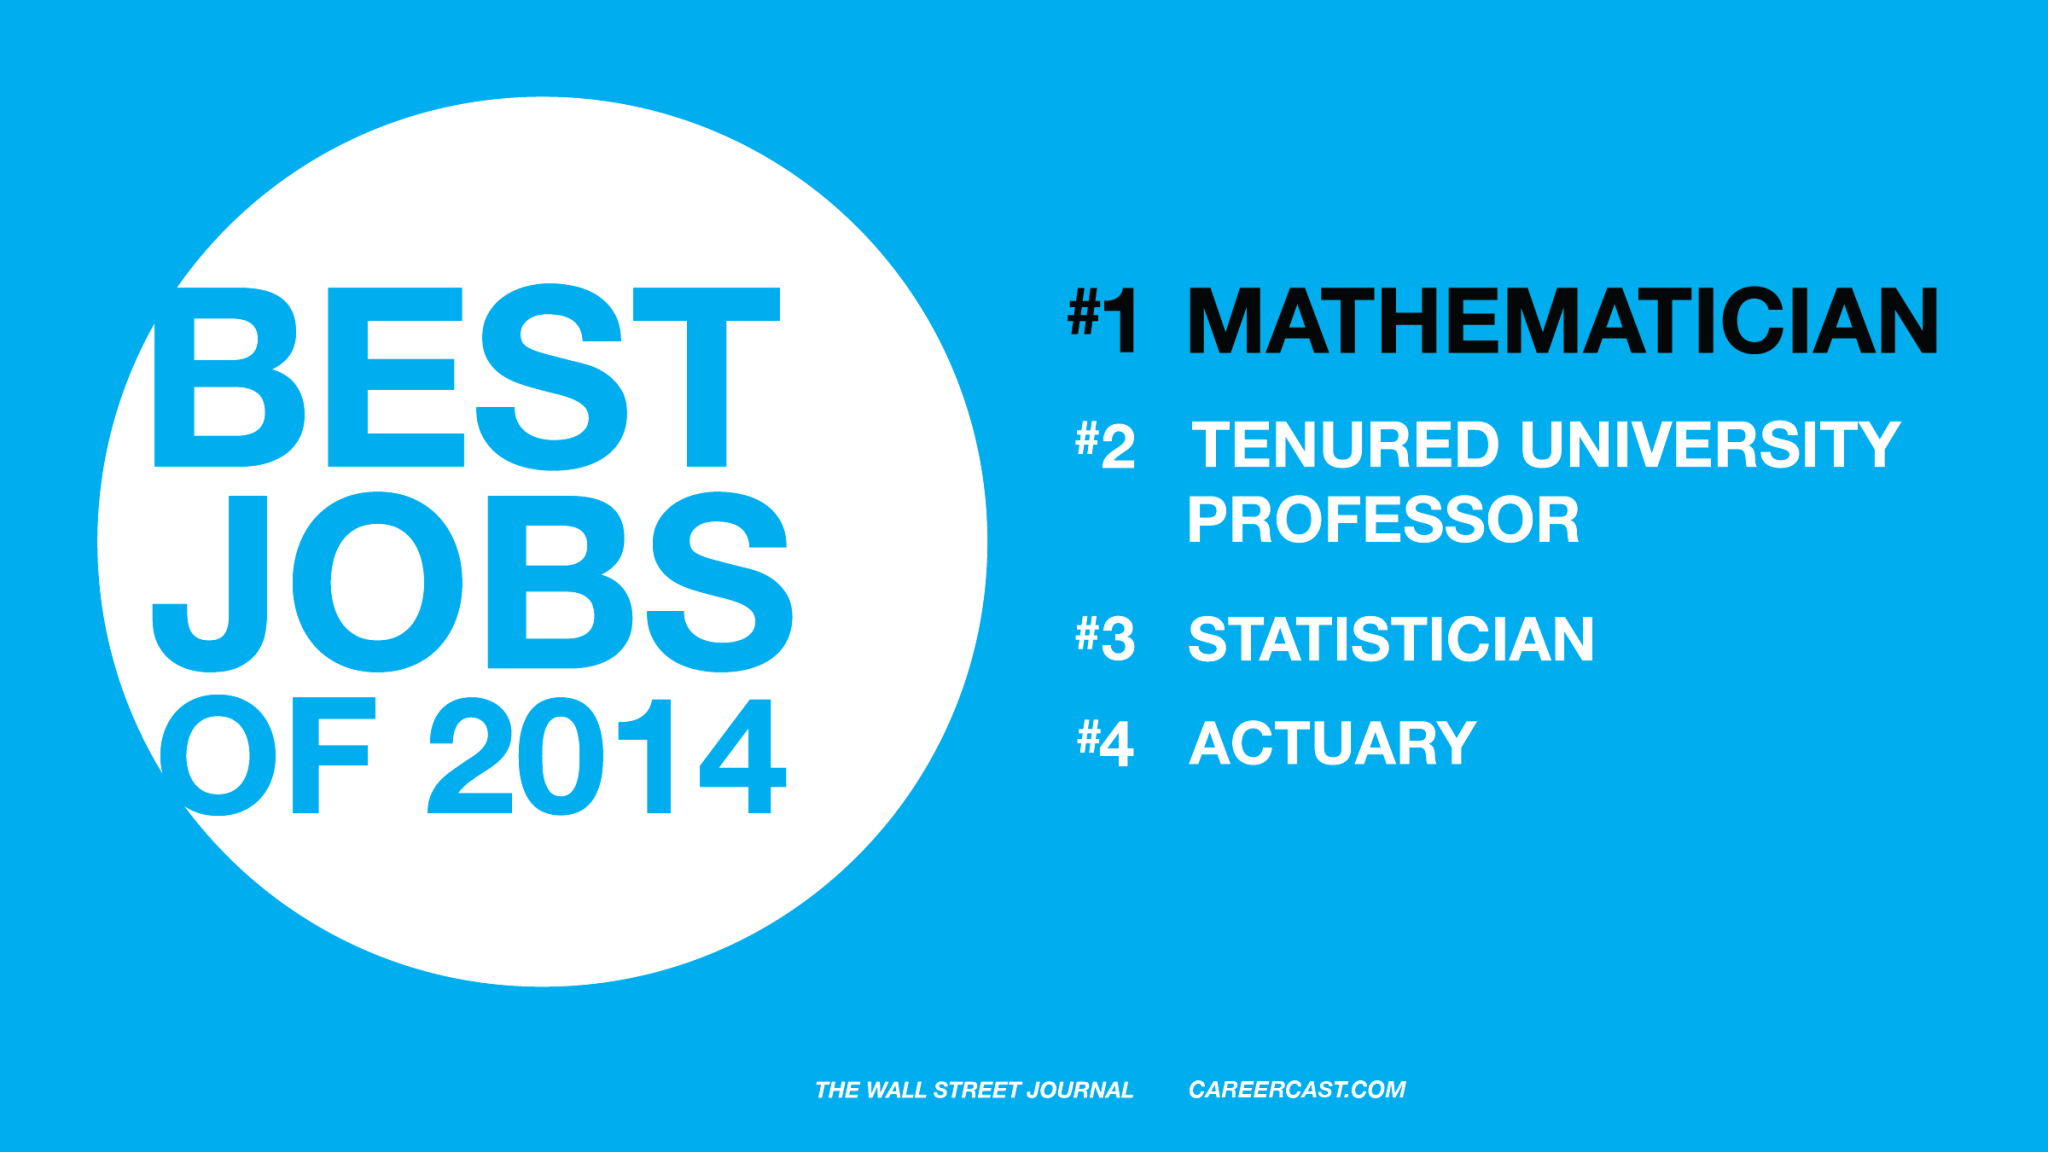 Best Job of 2014: Mathematician